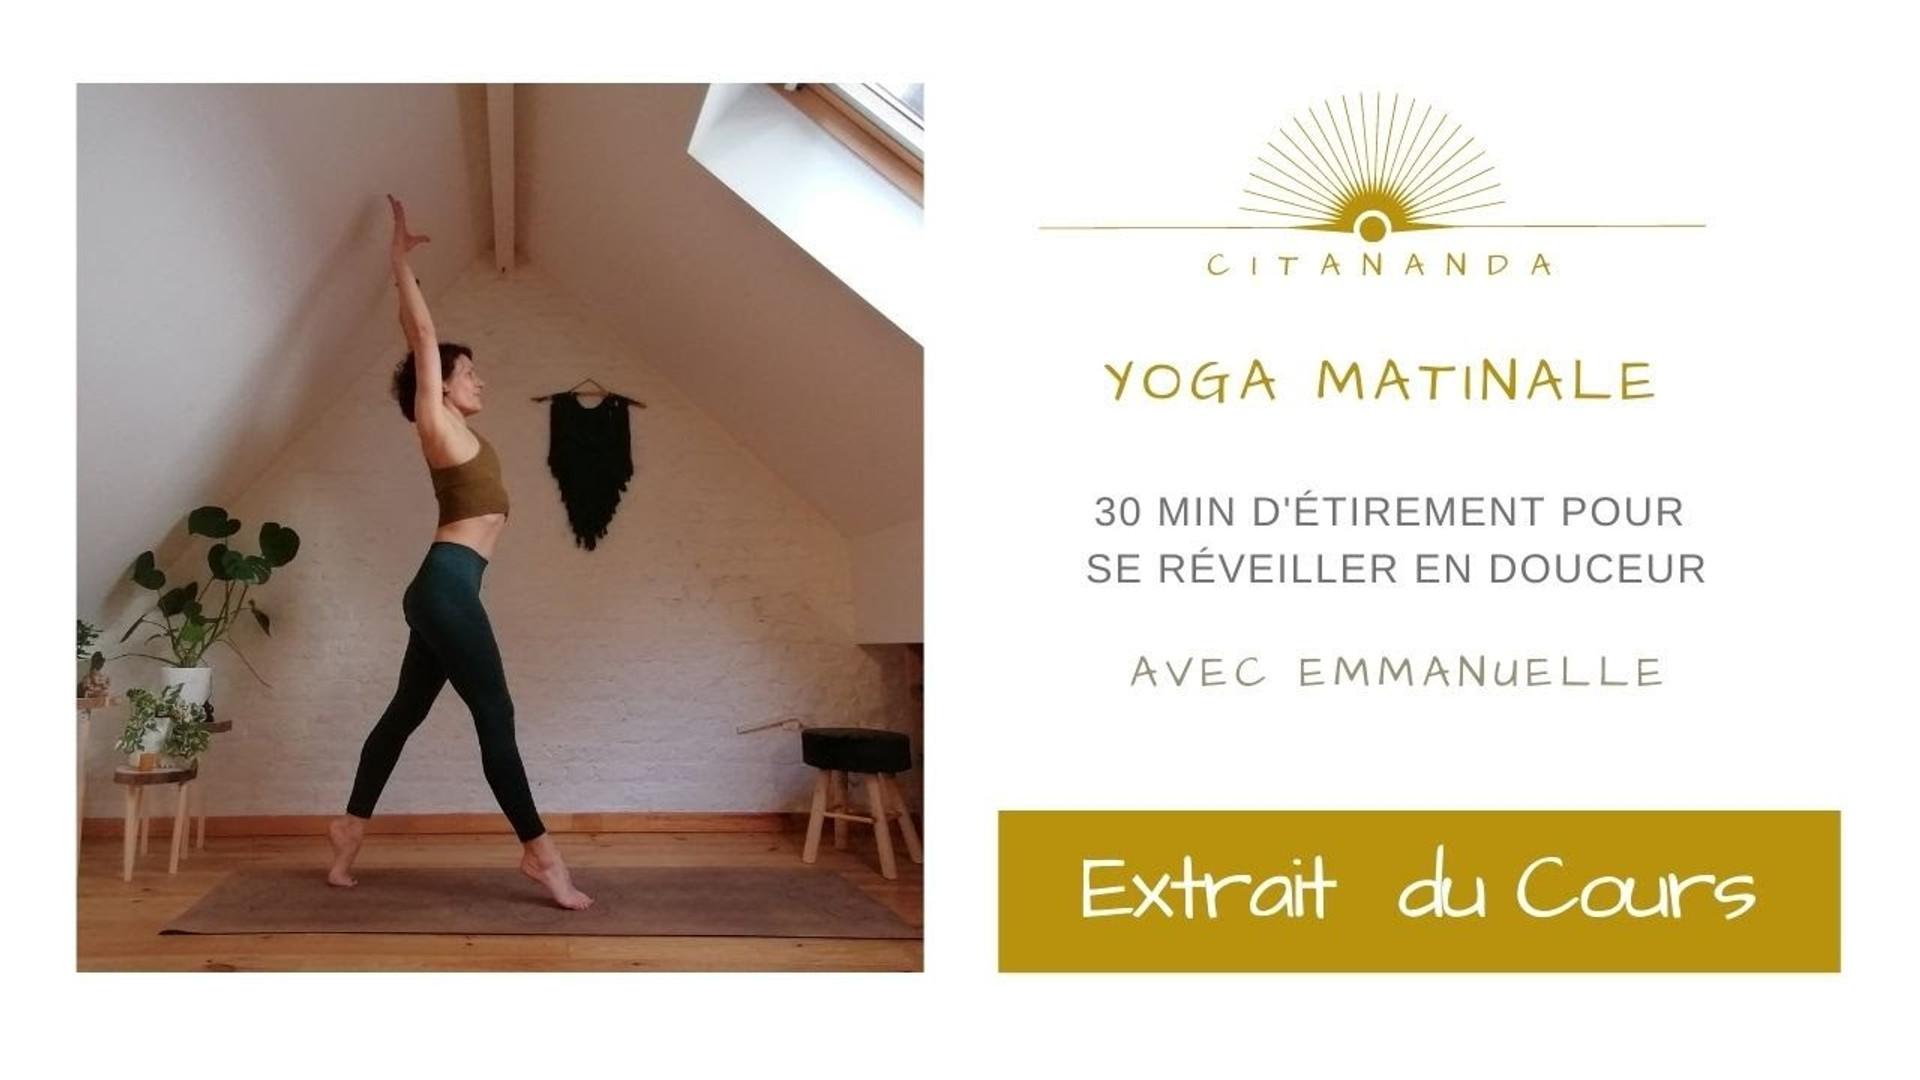 Je m'appelle Emmanuelle et je vous guide au cours d'une séance de yoga matinale qui vous permettra d'étirer le corps tout progressivement. Vous pouvez aussi utiliser cette séquence après un gros effort physique afin de permettre à vos muscles de s'étirer et se détendre.